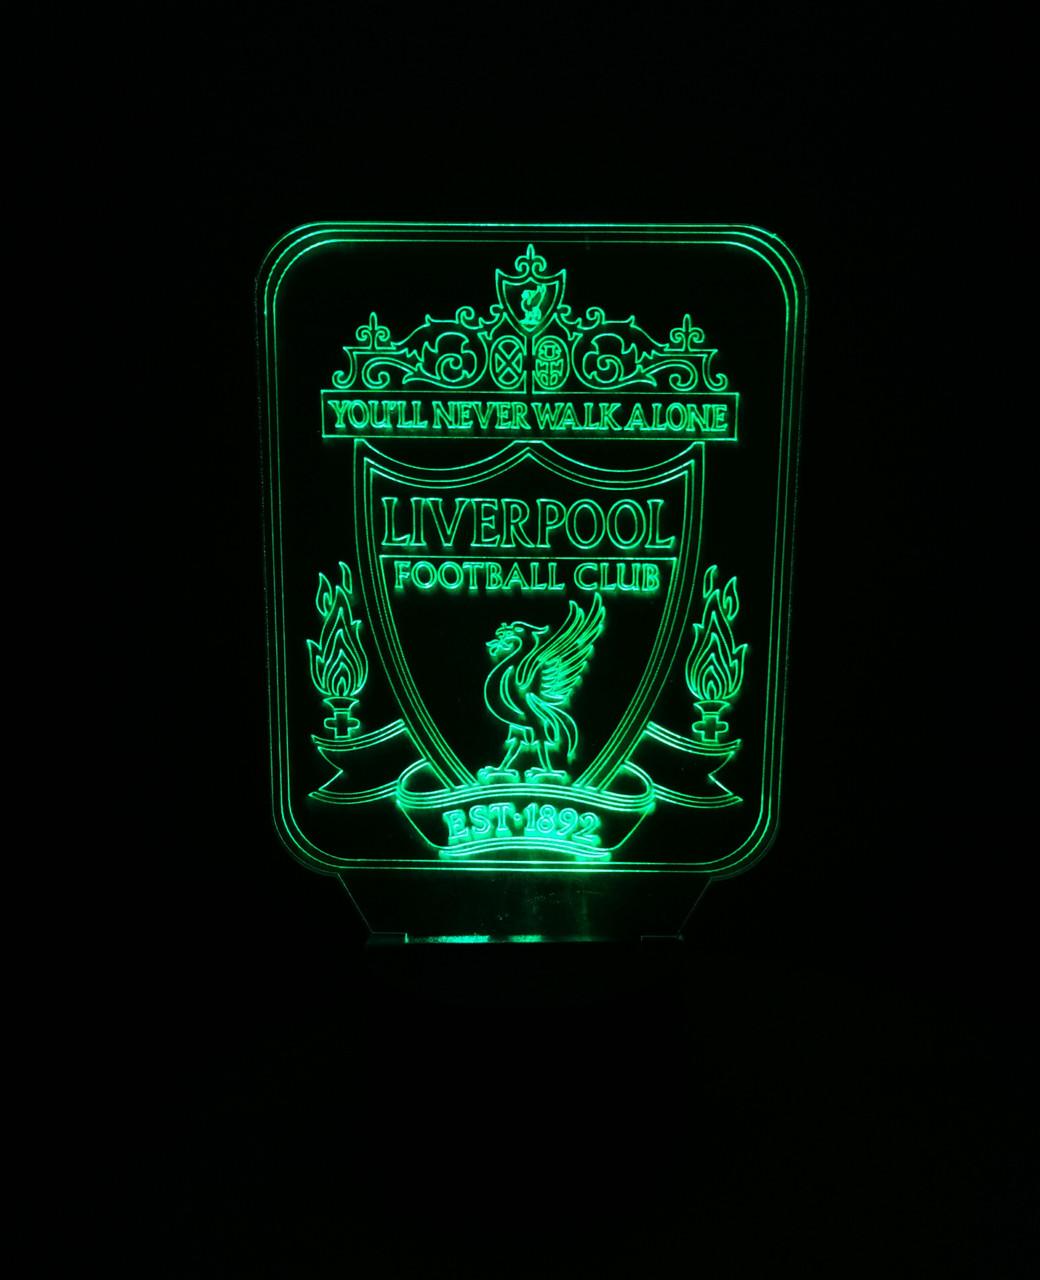 3d-світильник ФК Ліверпуль, 3д-нічник, кілька підсвічувань (батарейка+220В)